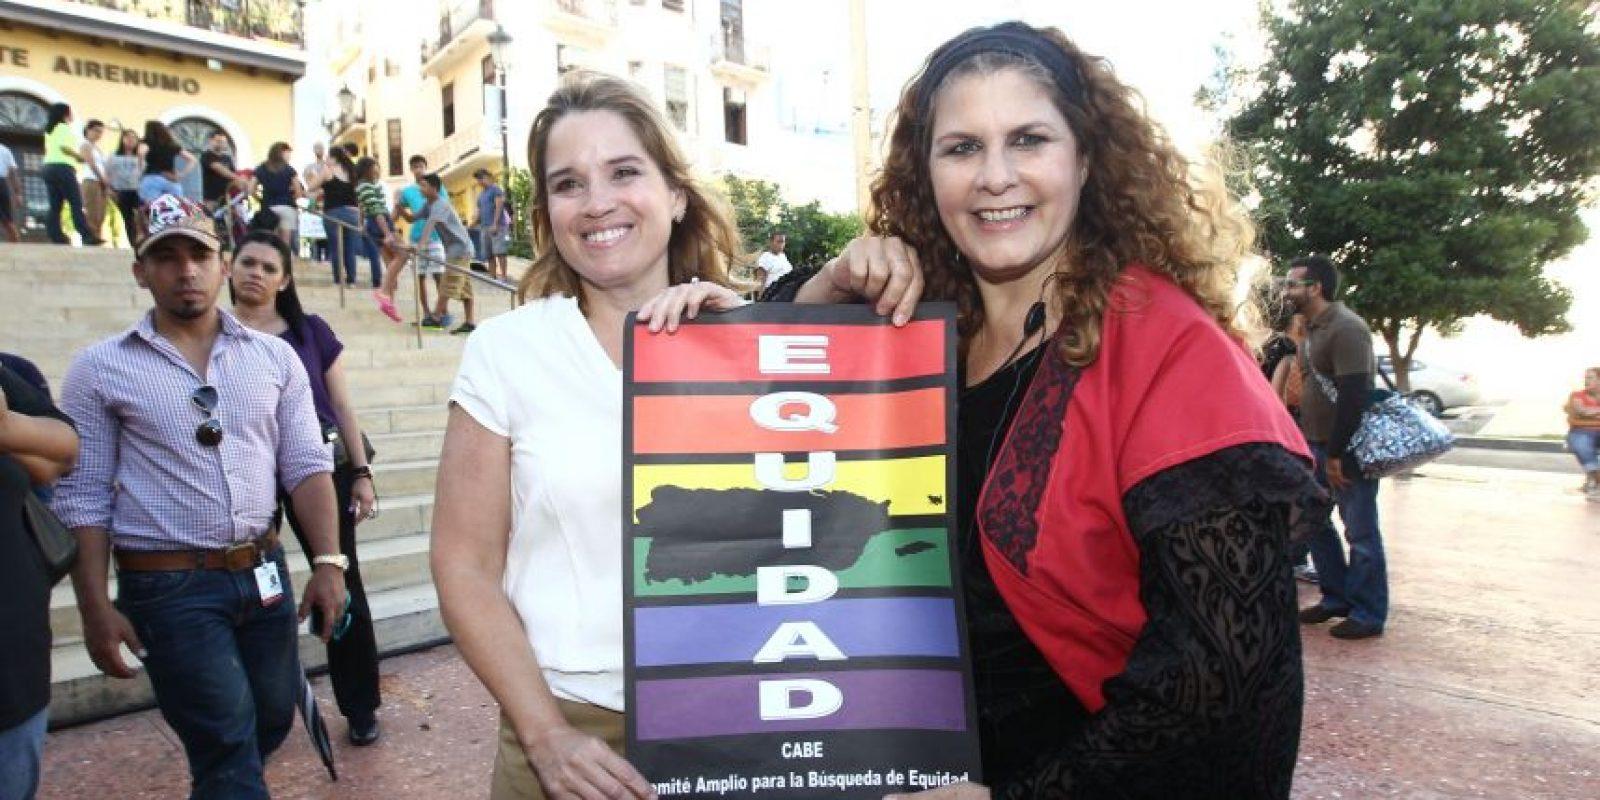 La alcaldesa de San Juan, Carmen Yulín Cruz, junto a Tere Marichal Foto:Keno Rodríguez/ Metro Puerto Rico. Imagen Por: